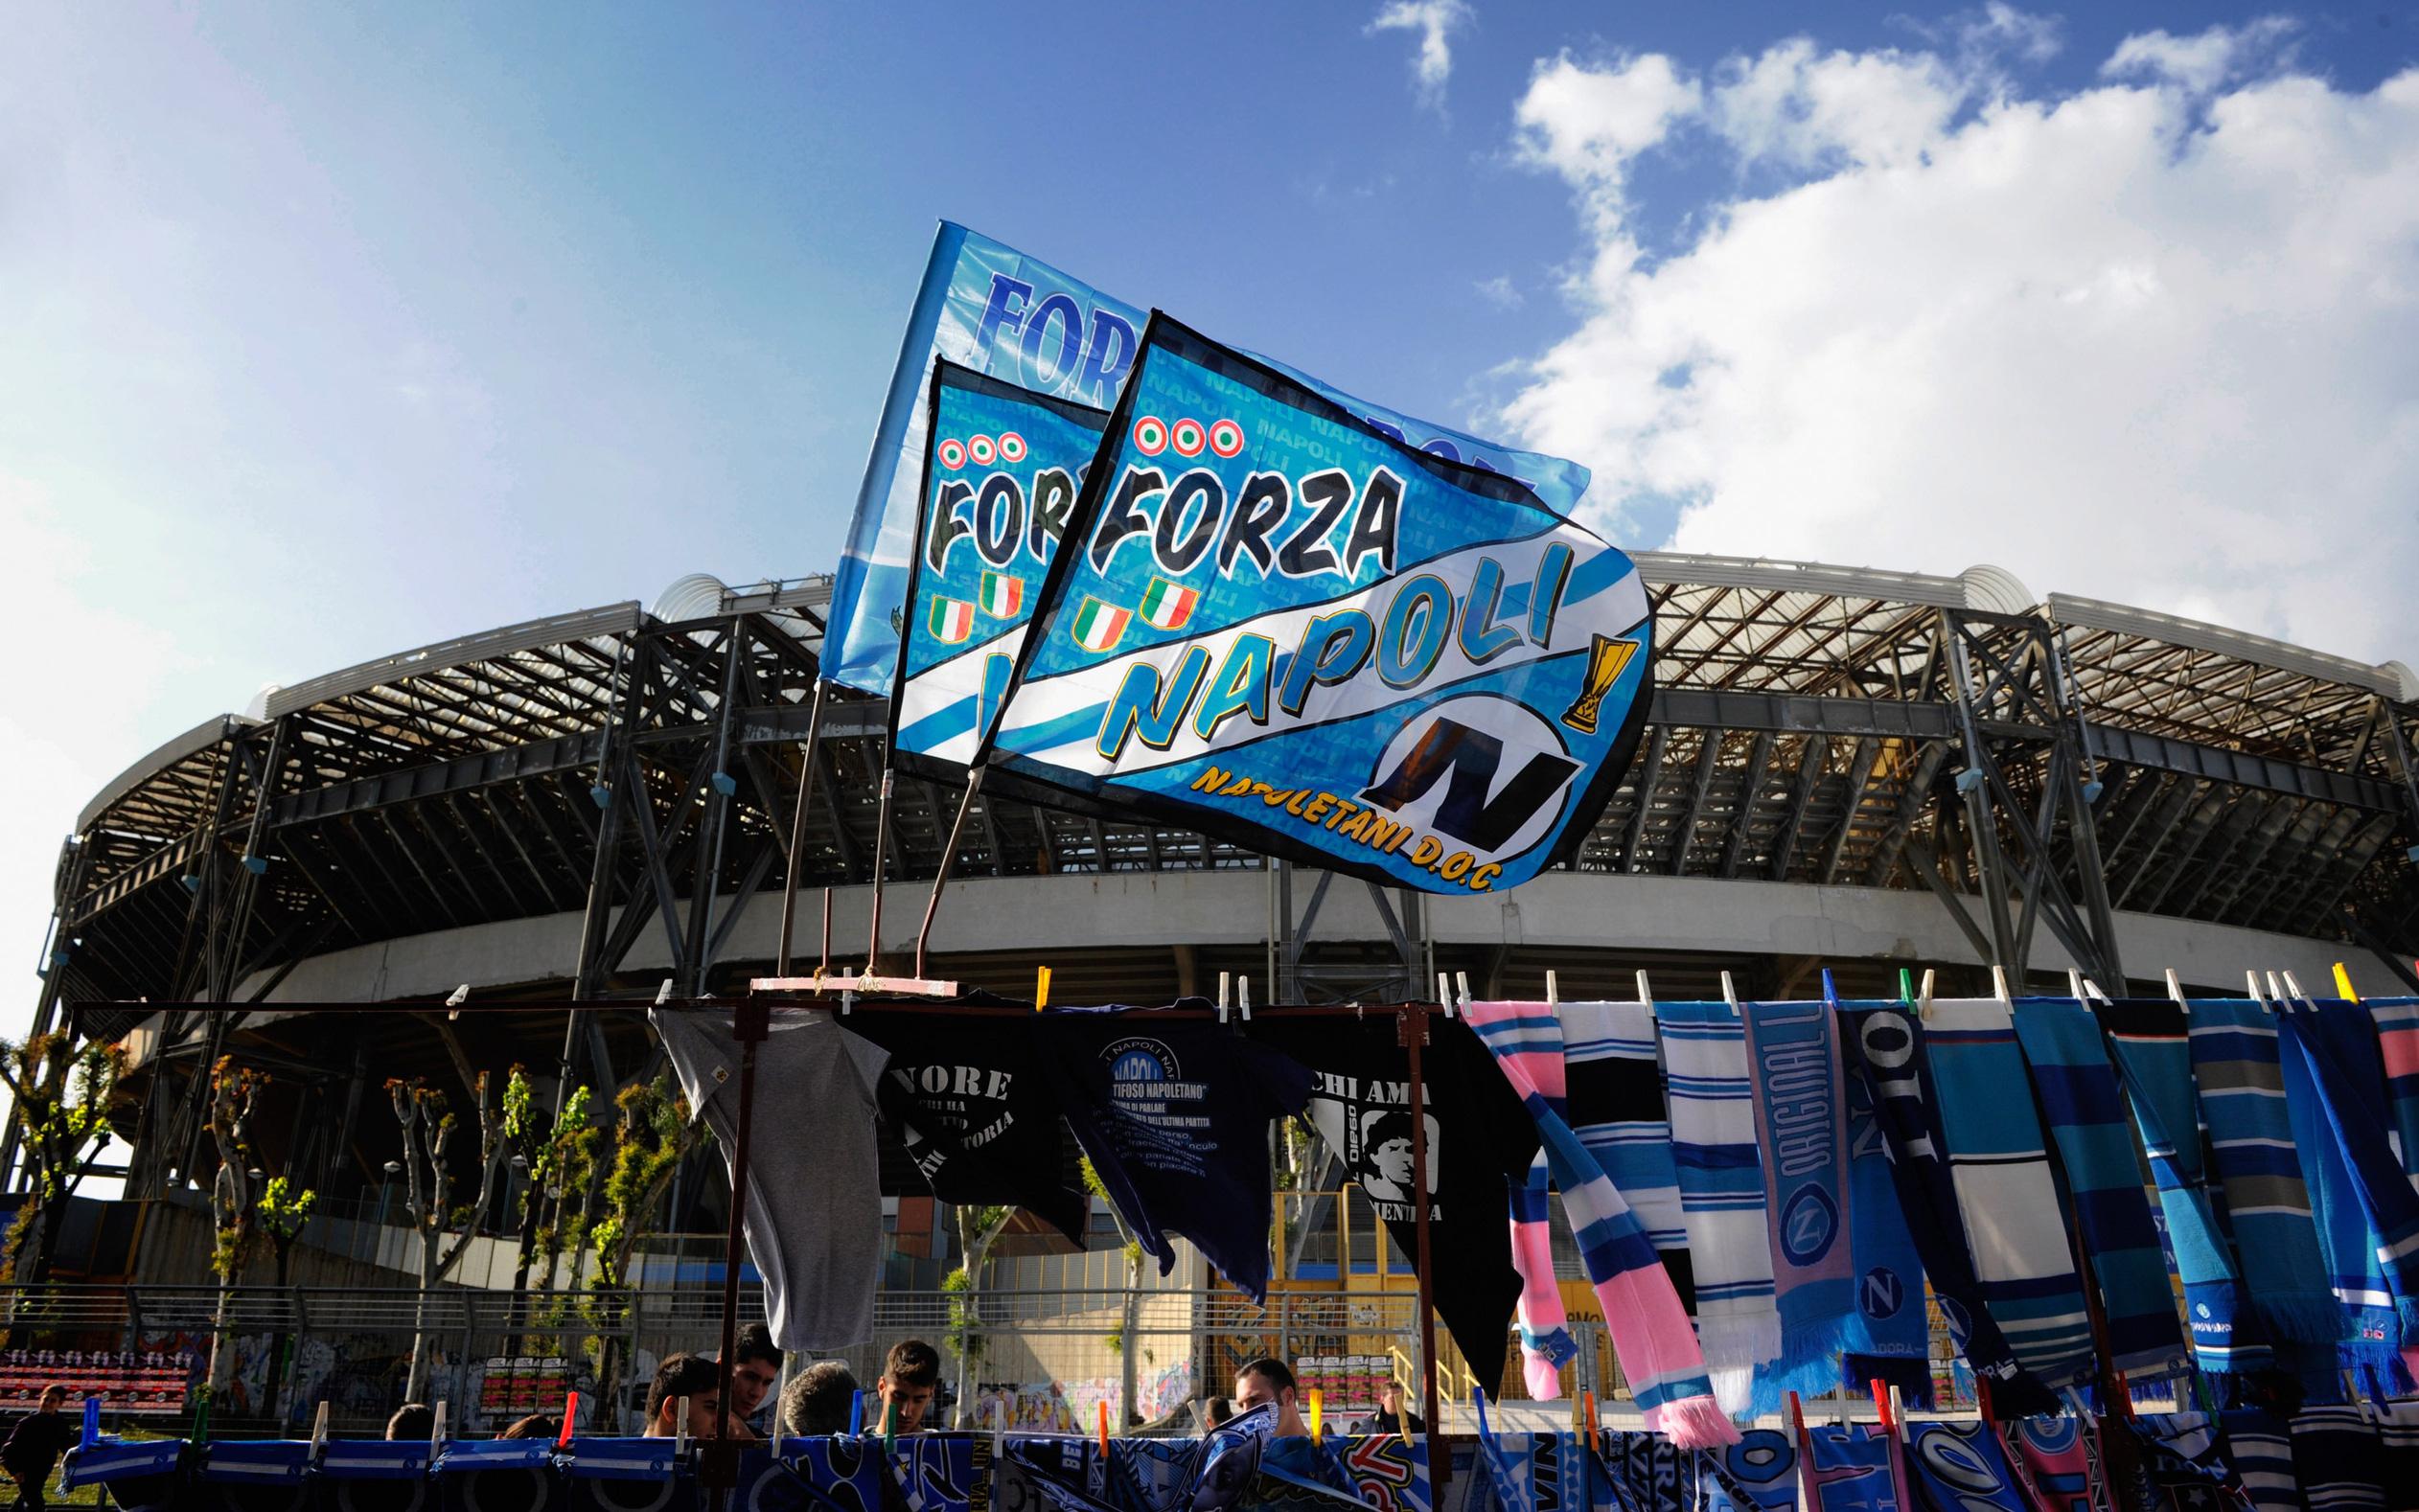 Đội bóng danh tiếng Italy đổi tên sân để tưởng nhớ Maradona